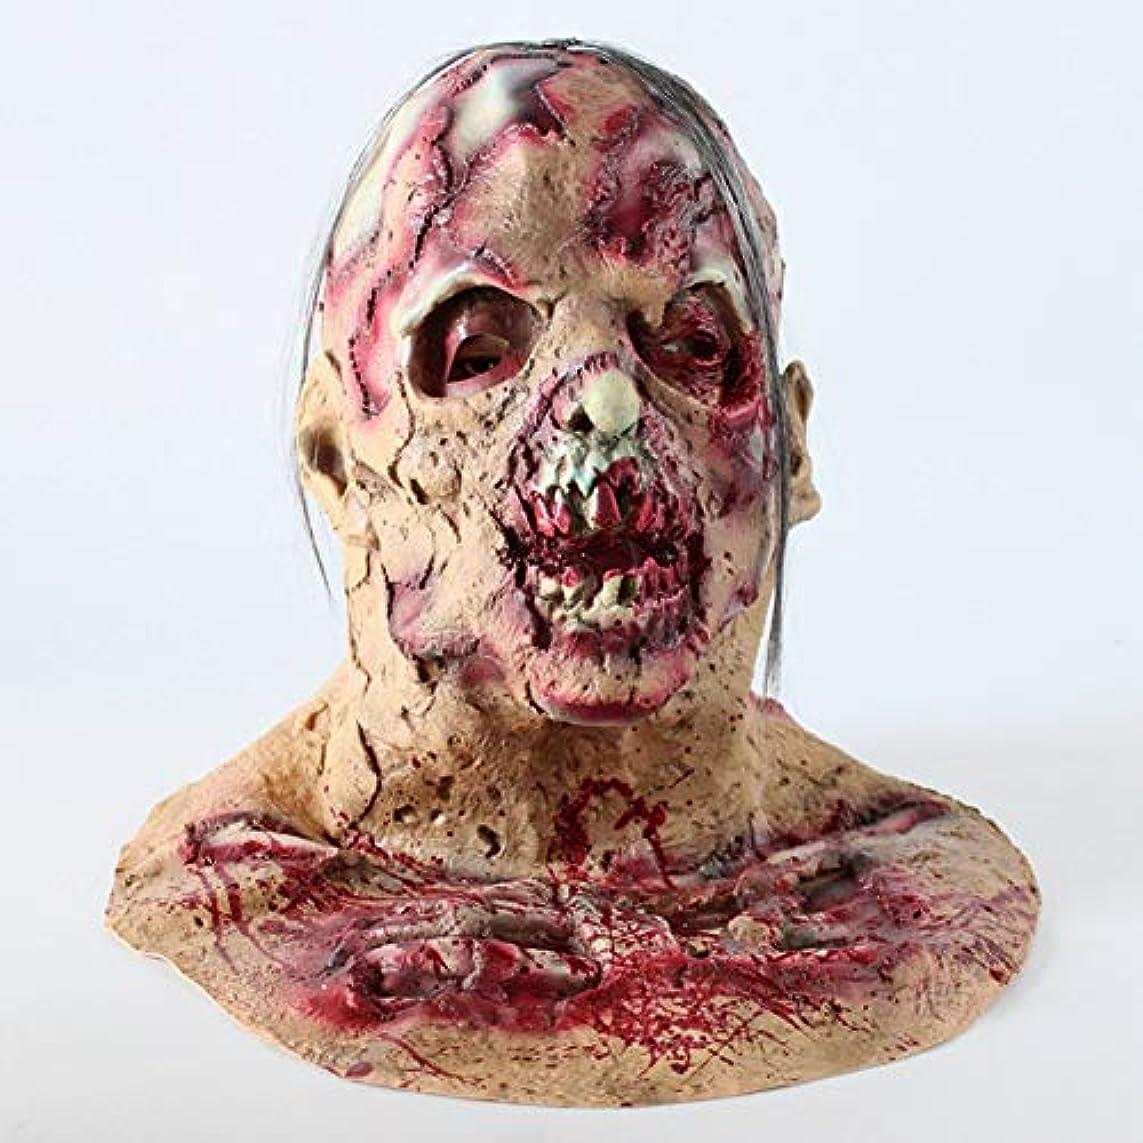 骨折インディカ慈善ハロウィーンホラーマスク、嫌なゾンビマスク、バイオハザードヘッドマスク、パーティー仮装ラテックスマスク